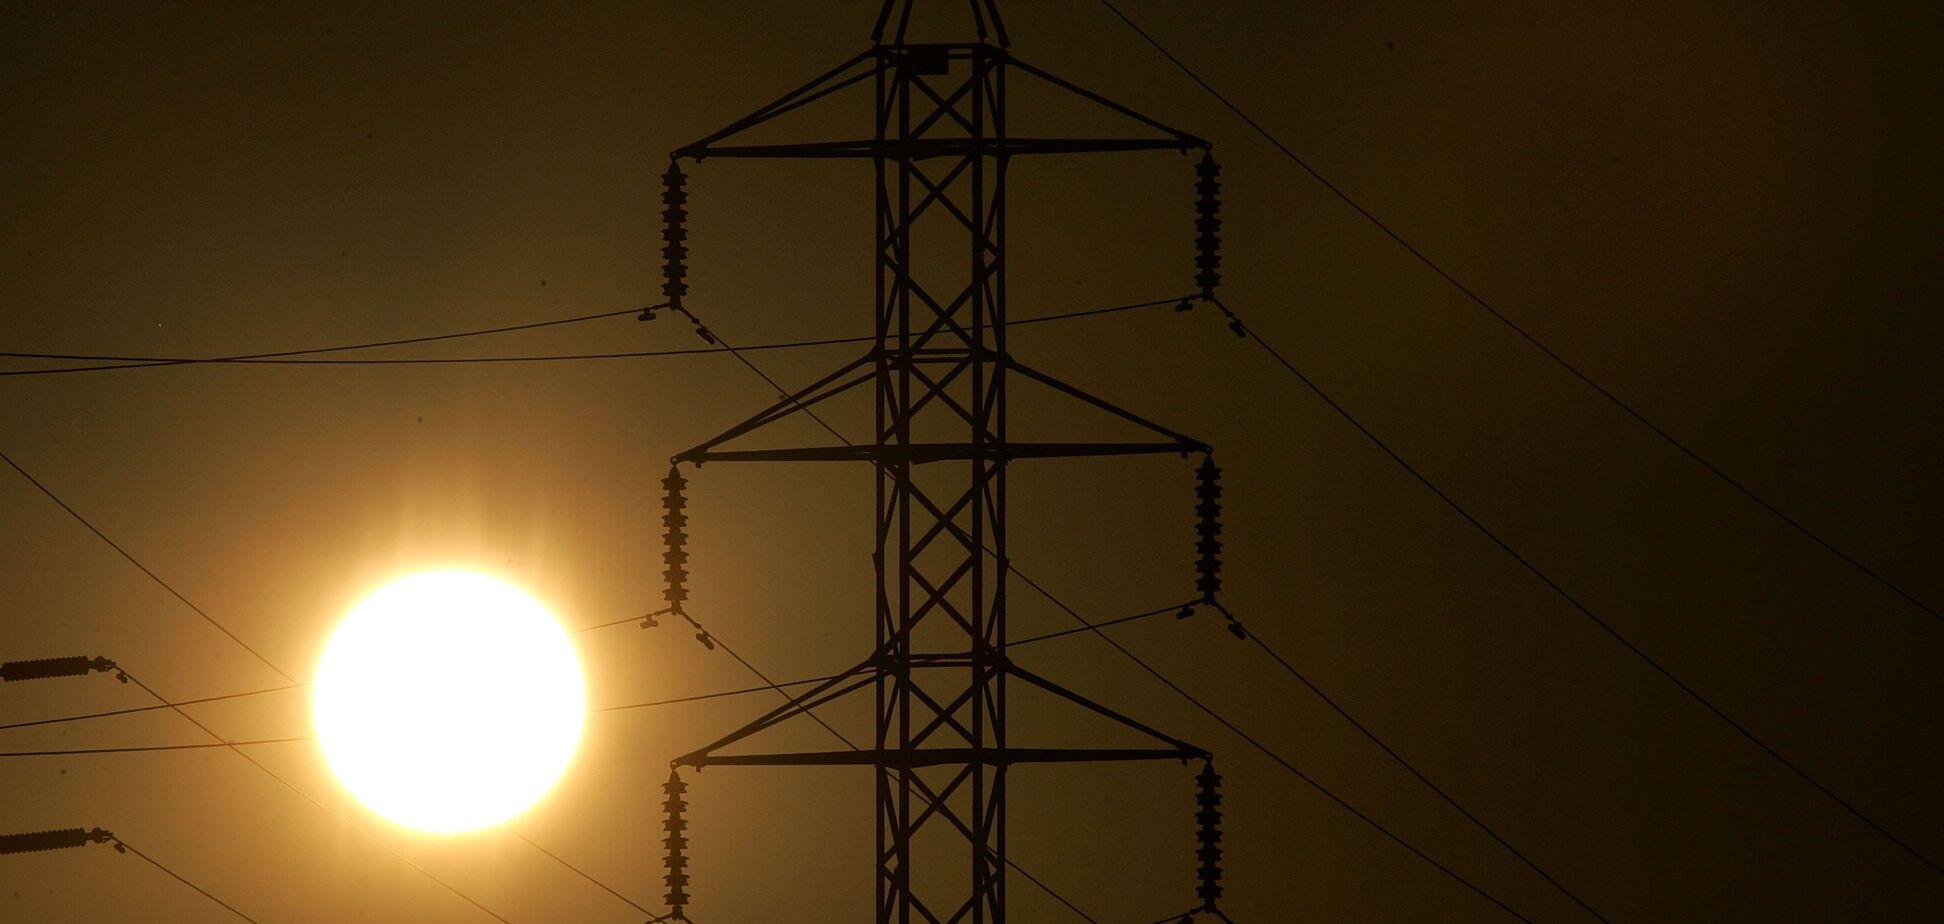 В Україні подорожчає електроенергія: стало відомо, кому піднімуть тарифи